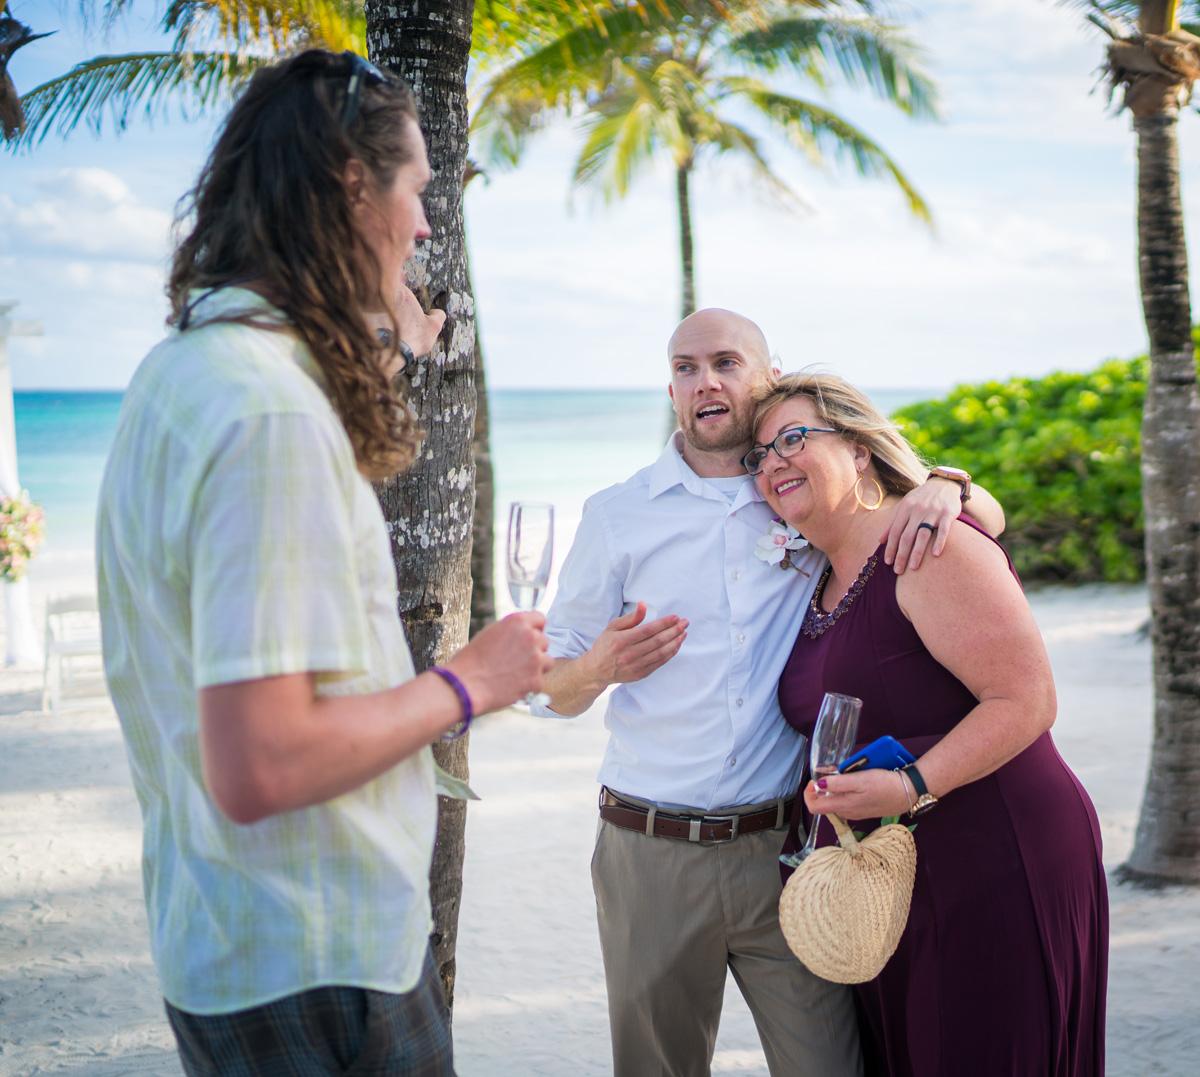 robinson_wedding_3-180-2_web.jpg